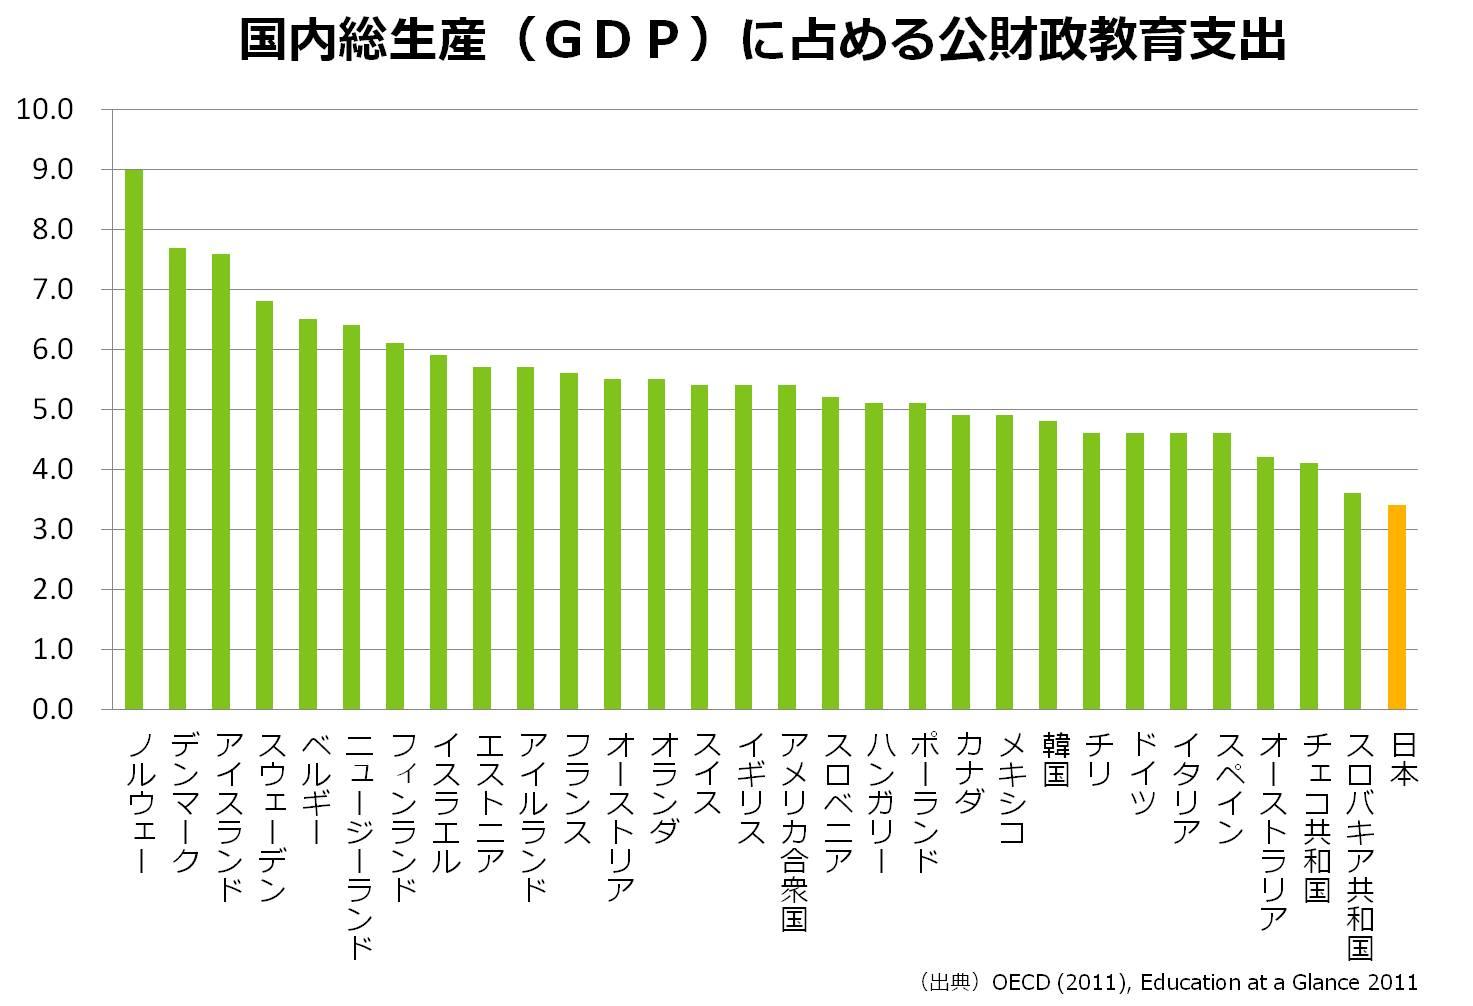 日本はOECDの先進国の中で、公的な教育関支出額の割合が最も低い水準です。